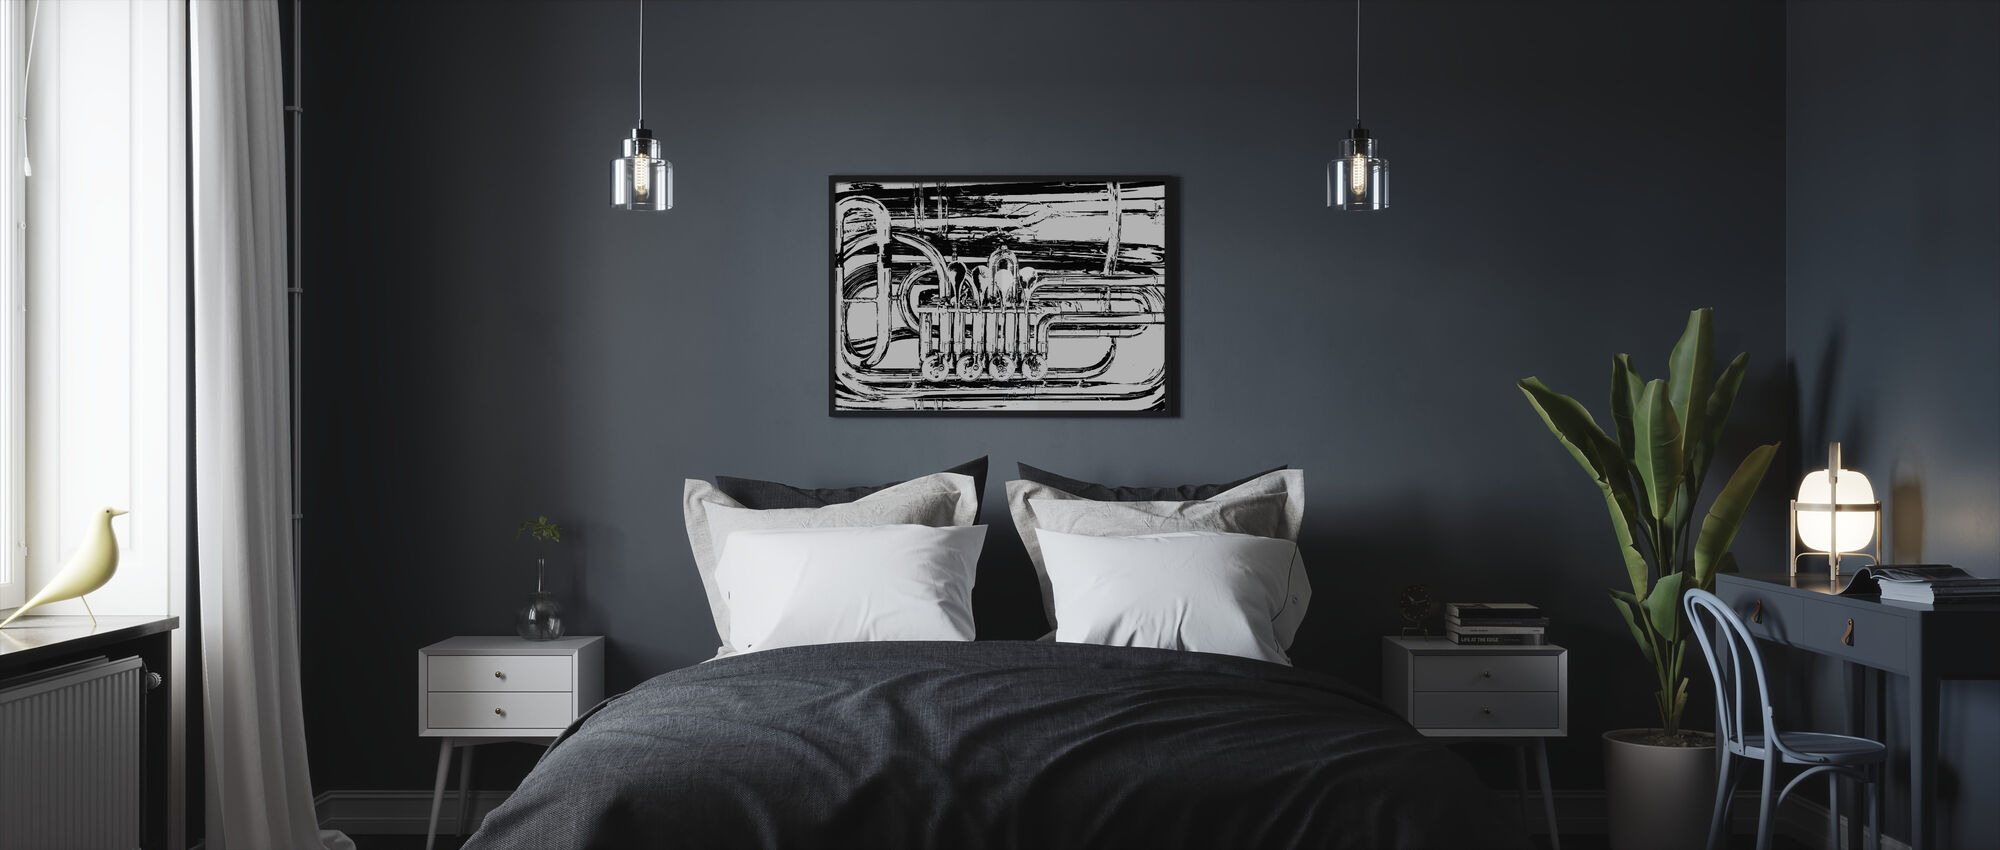 Messinkiäänitorven venttiili - Graafinen tuuba - Kehystetty kuva - Makuuhuone